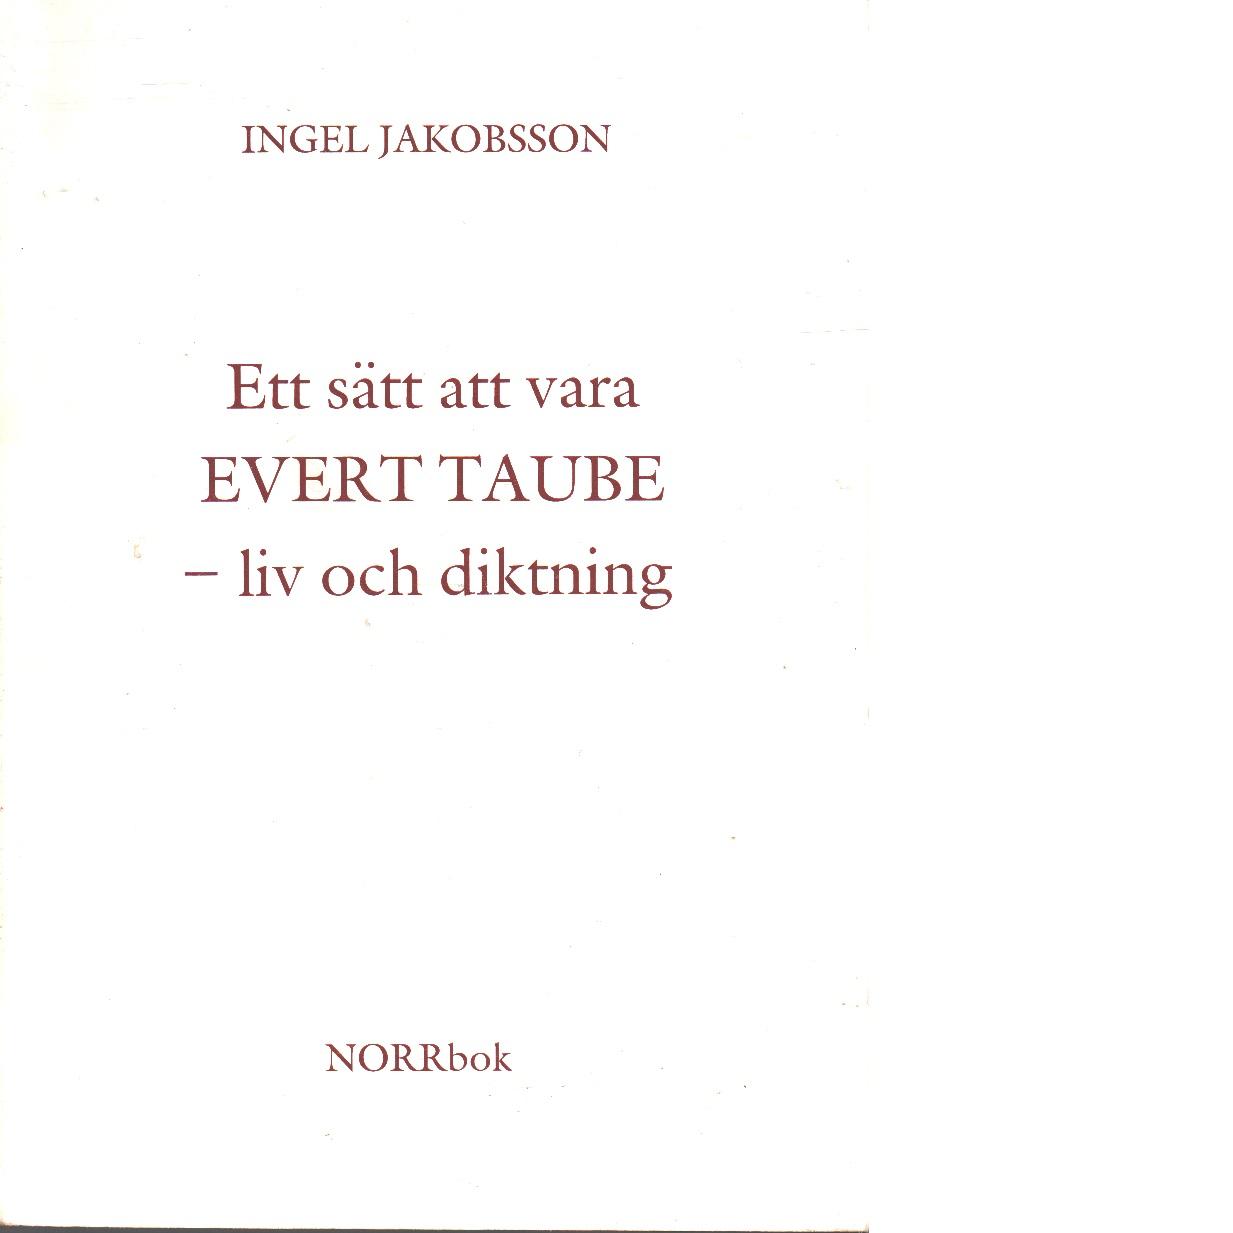 Ett sätt att vara : Evert Taube - liv och diktning - Jakobsson, Ingel